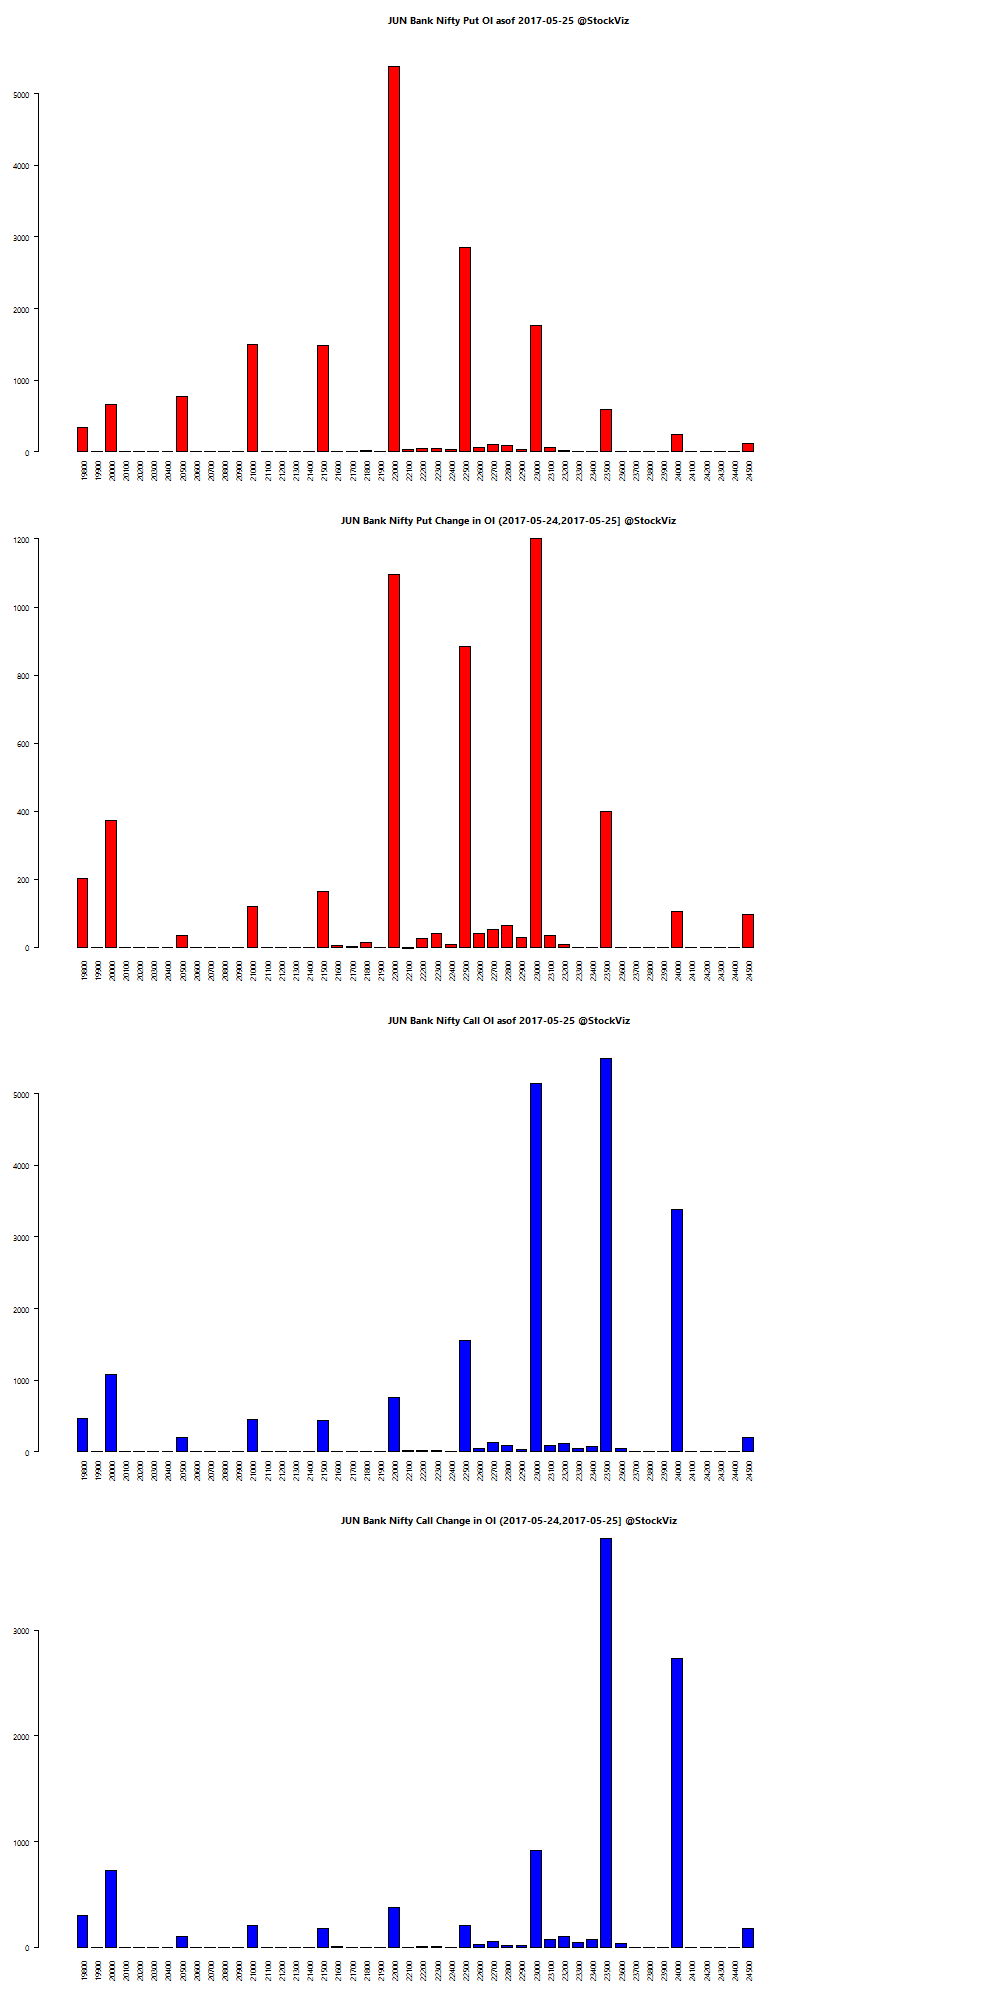 JUN BANKNIFTY OI chart